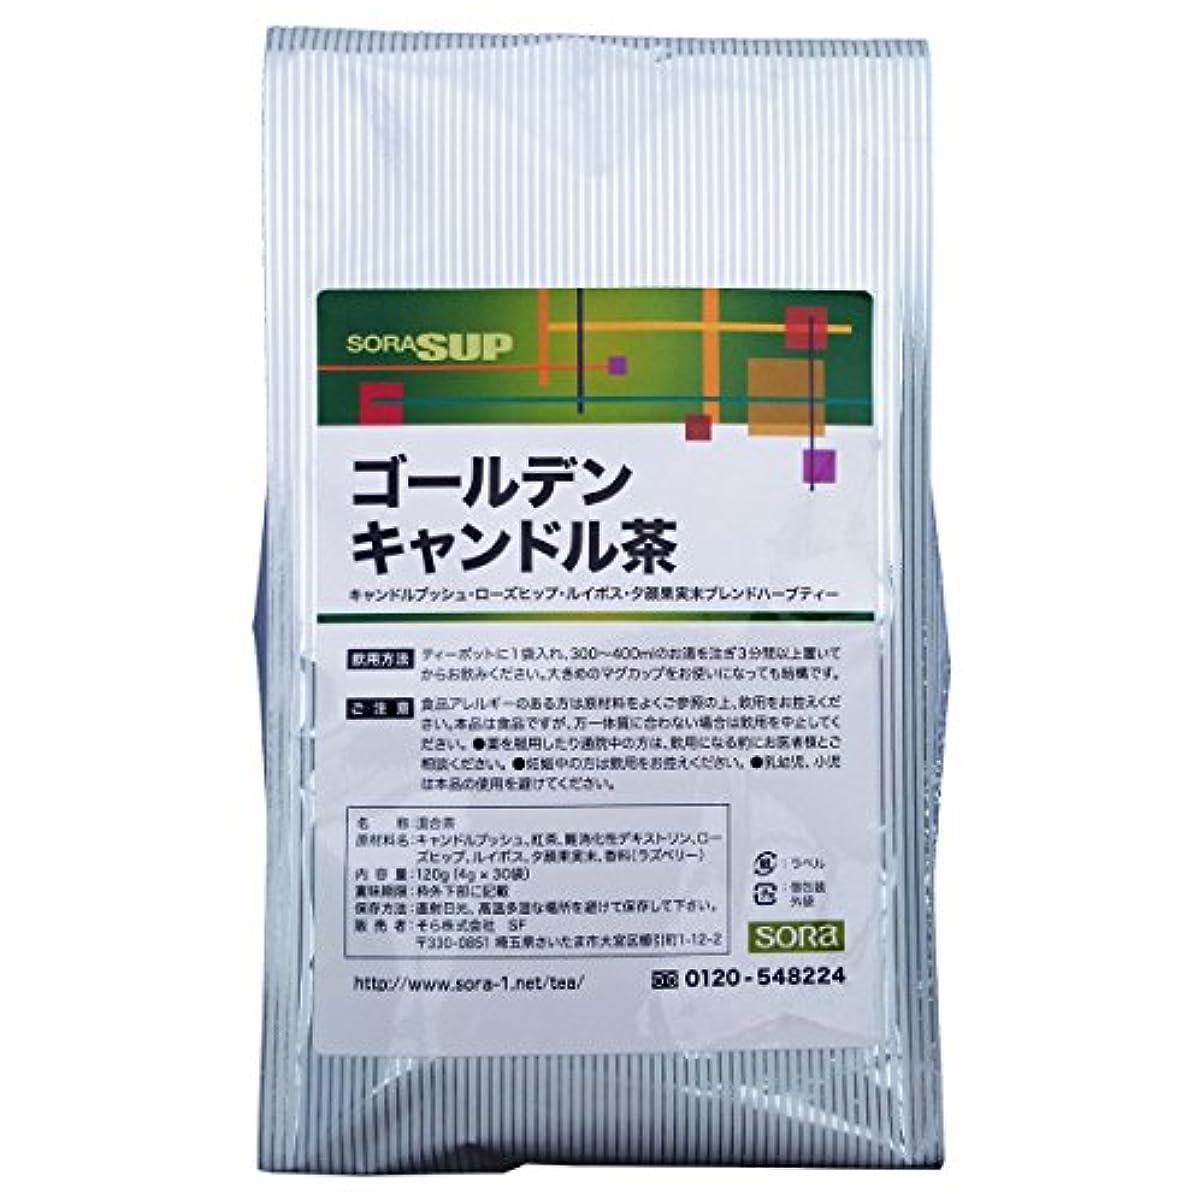 ドラッグブラインドドラッグそら ゴールデンキャンドル茶 (主成分キャンドルブッシュ) 【4gティーパック × 30包】